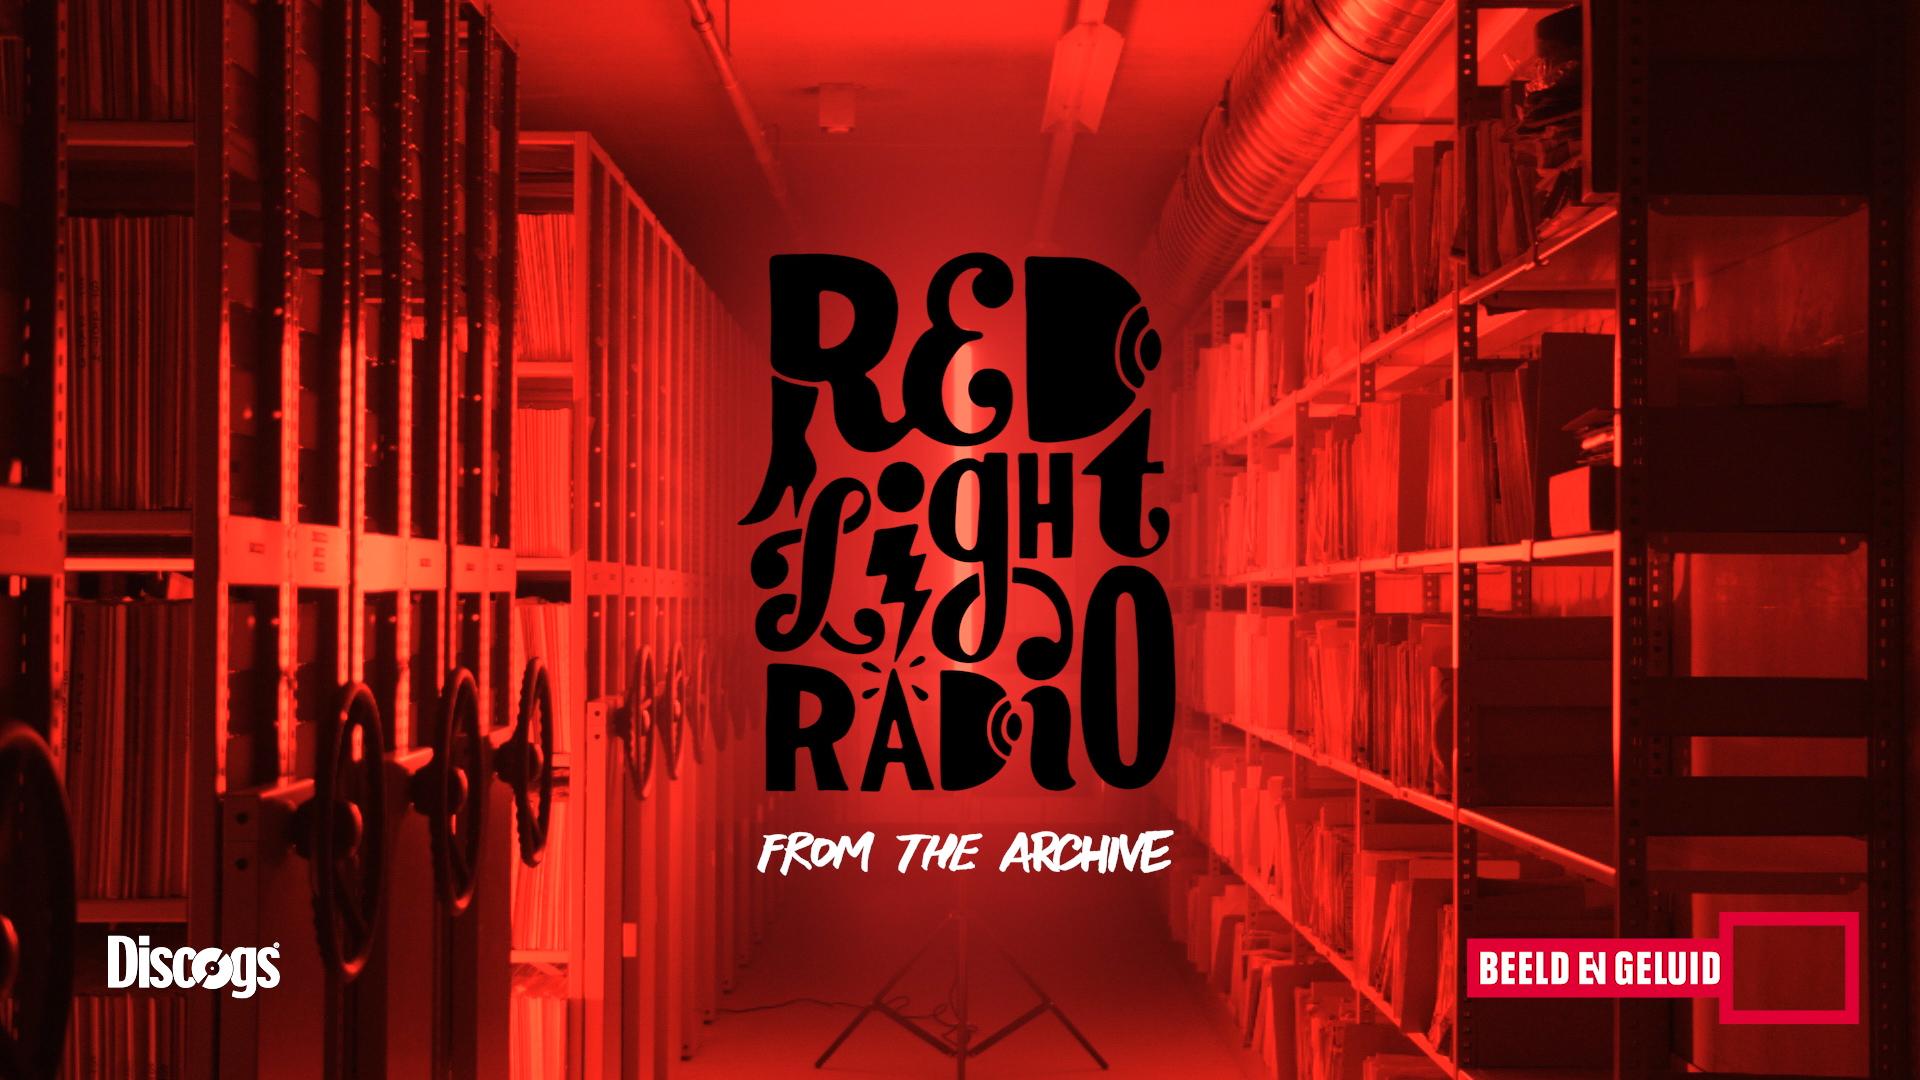 Red Light Radio x Beeld en Geluid | From the Archive